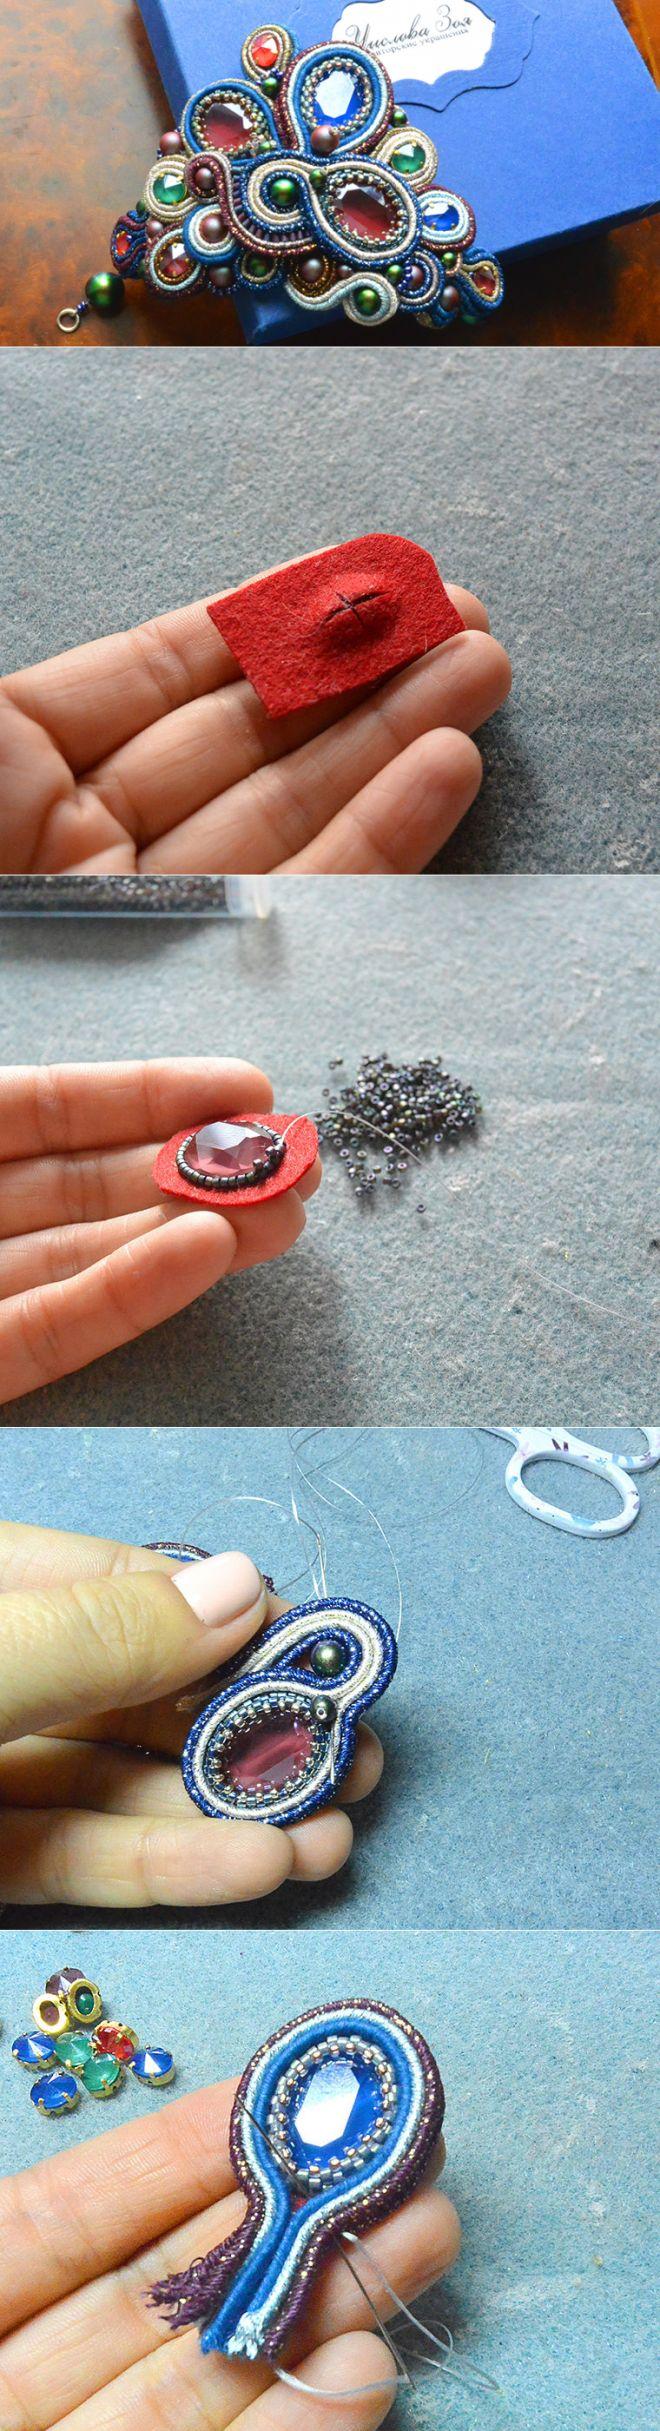 Создаем браслет «Королевский стиль» из сутажа с кристаллами Swarovski - Ярмарка Мастеров - ручная работа, handmade